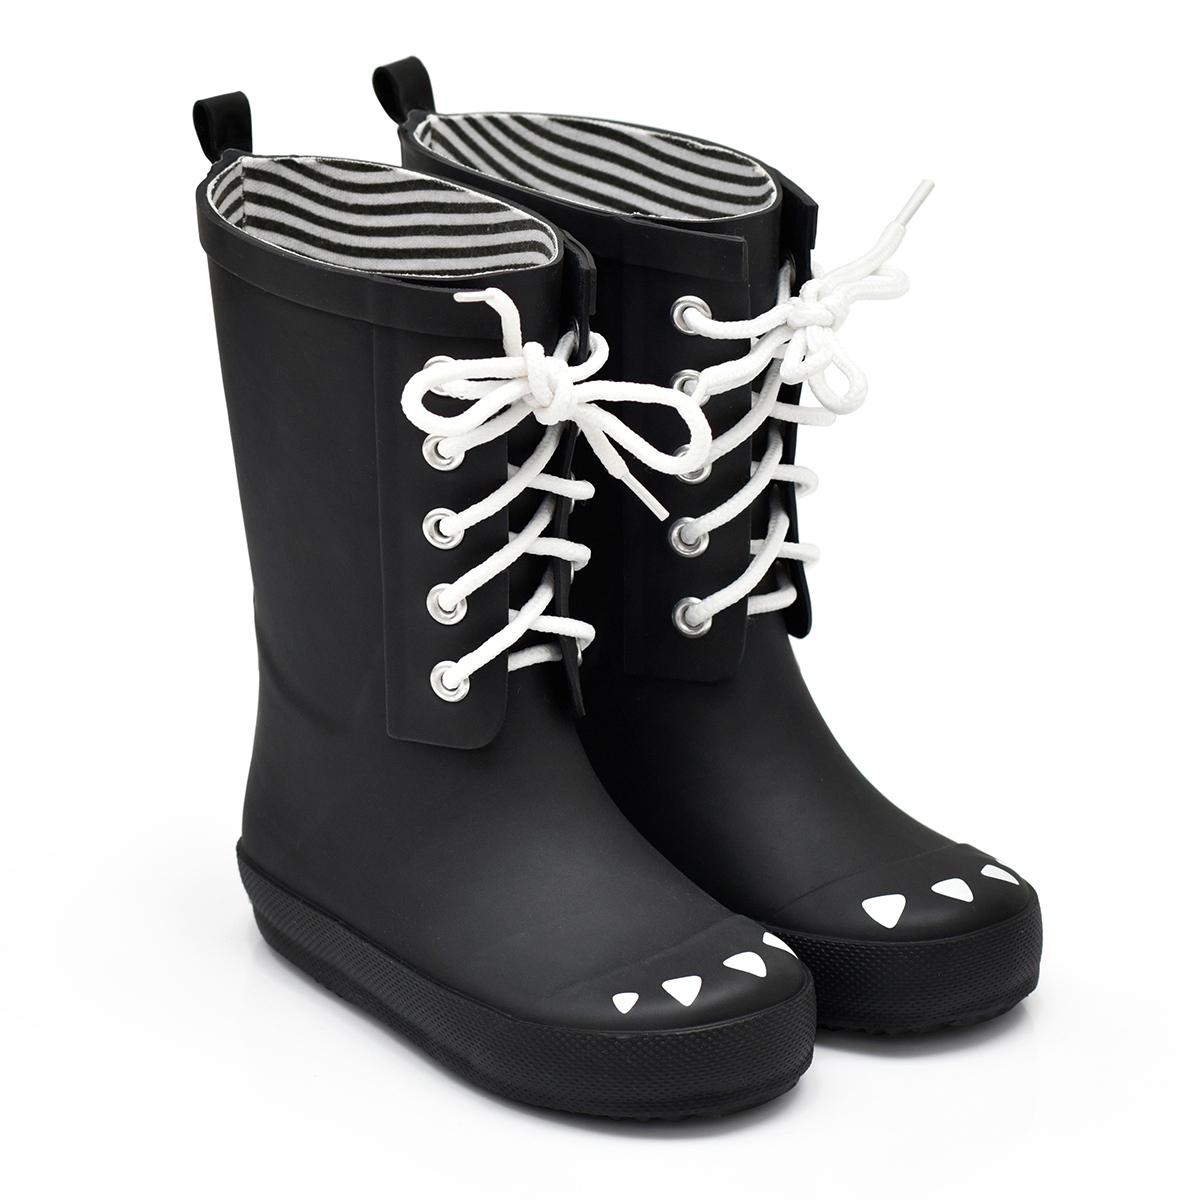 Chaussons & Chaussures Bottes Kerran Noir - 24 Bottes Kerran Noir - 24